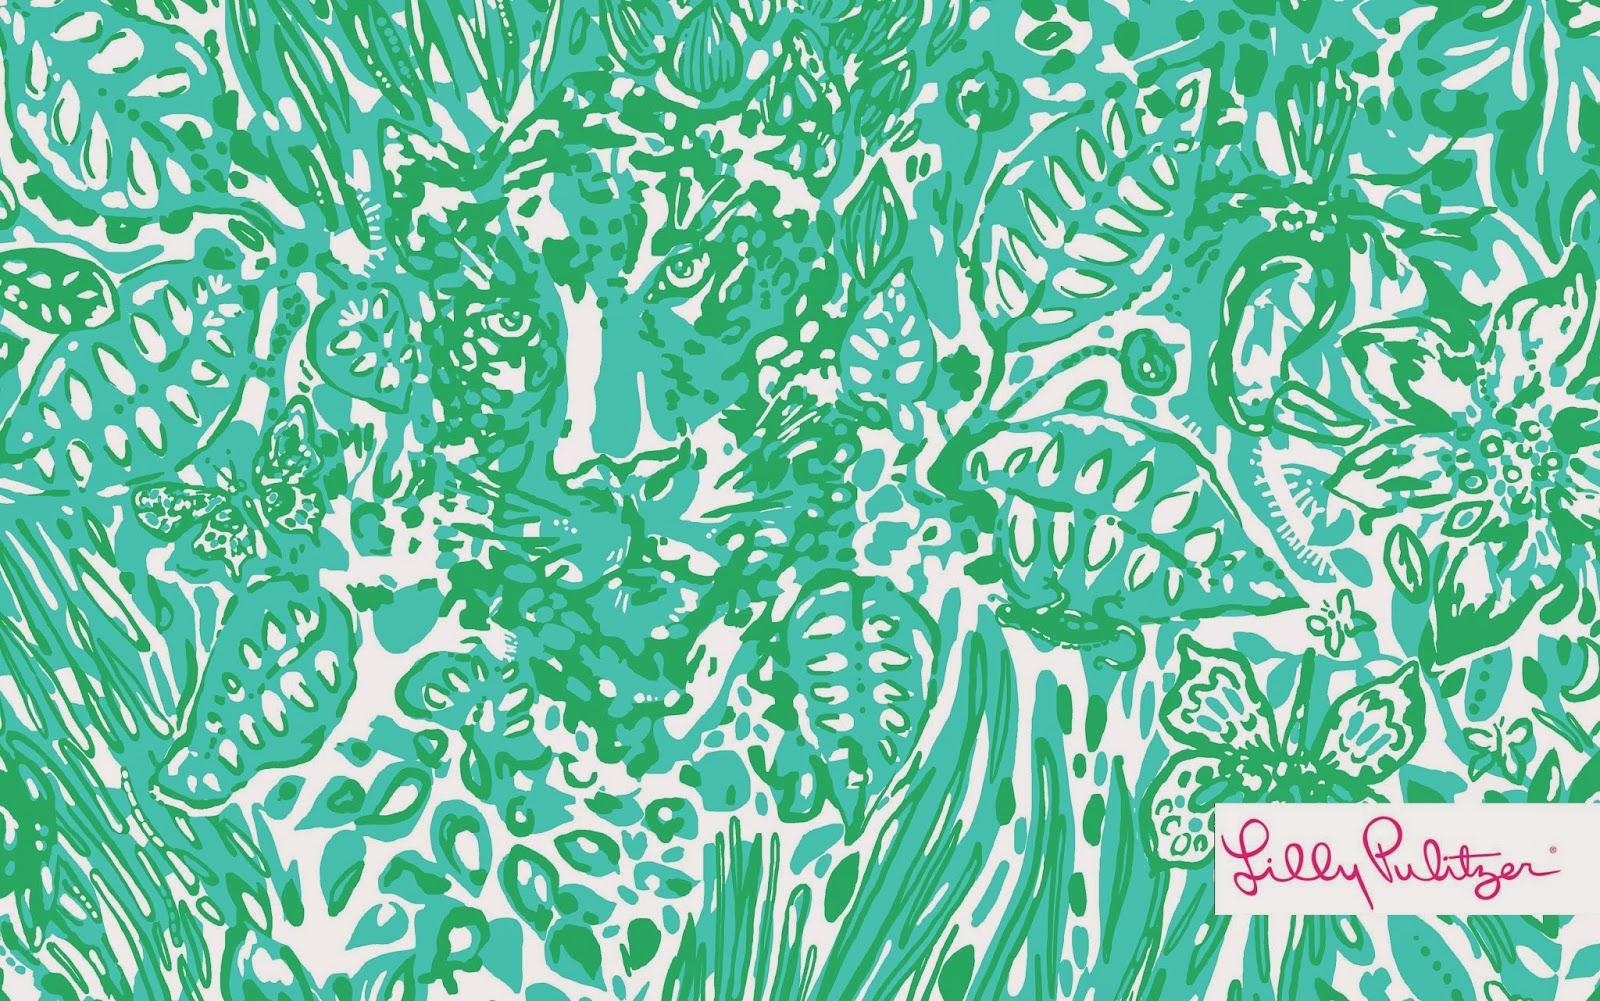 Preppy Backgrounds | www.pixshark.com - Images Galleries ...